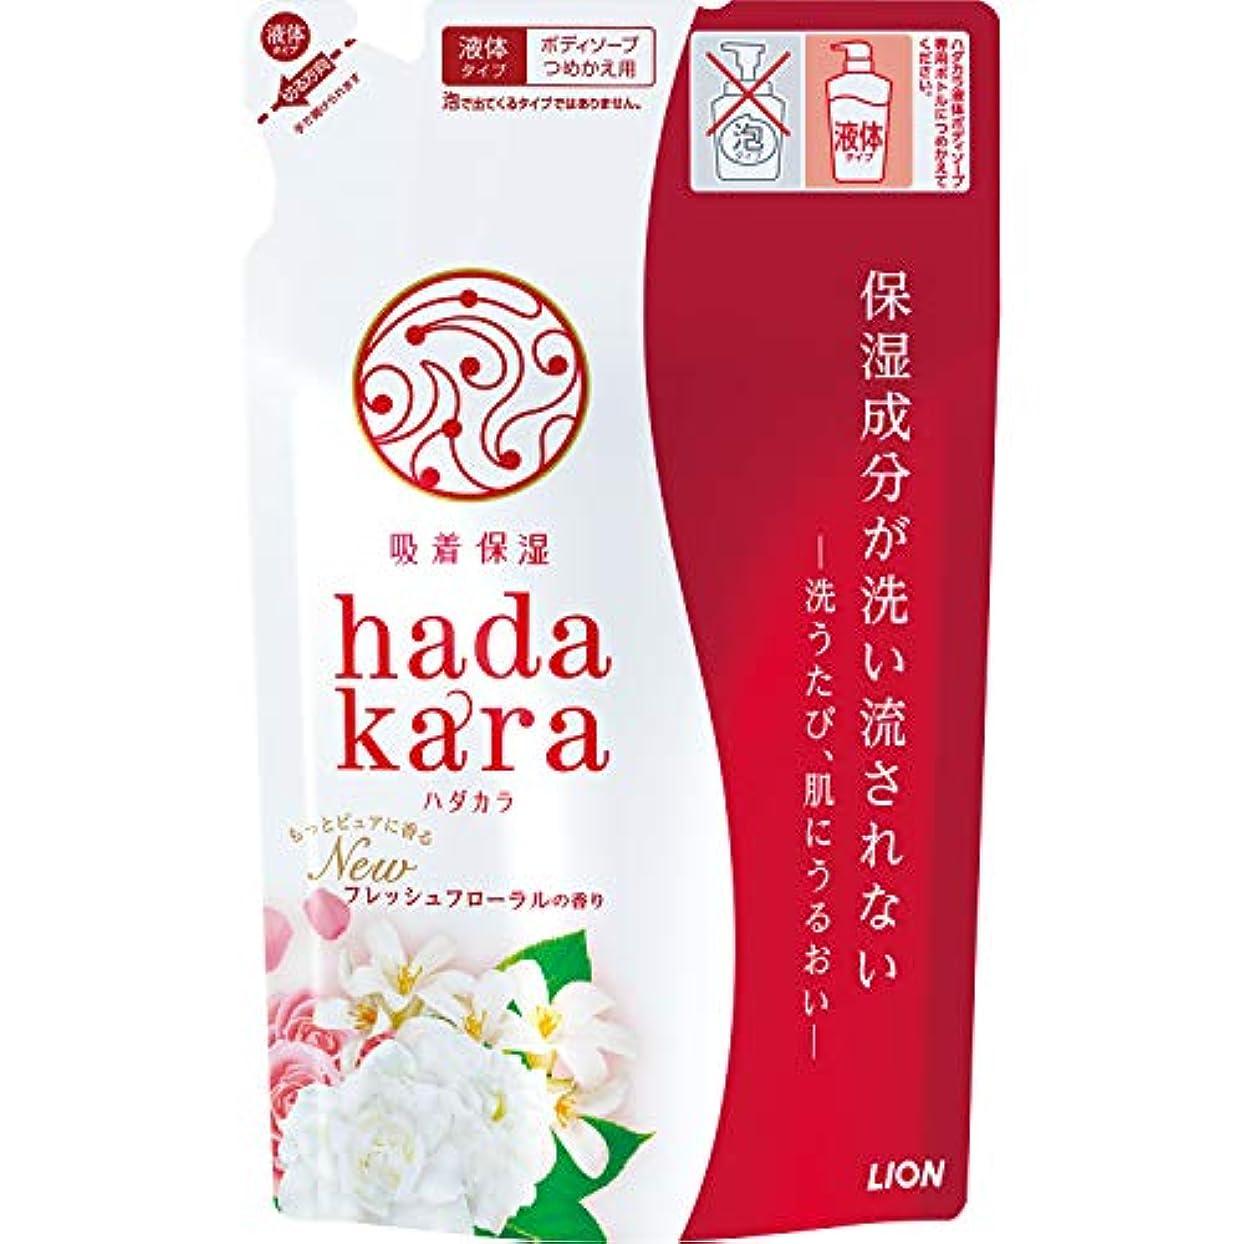 一般的に言えばたっぷり統合するhadakara(ハダカラ) ボディソープ フローラルブーケの香り 詰め替え 360ml